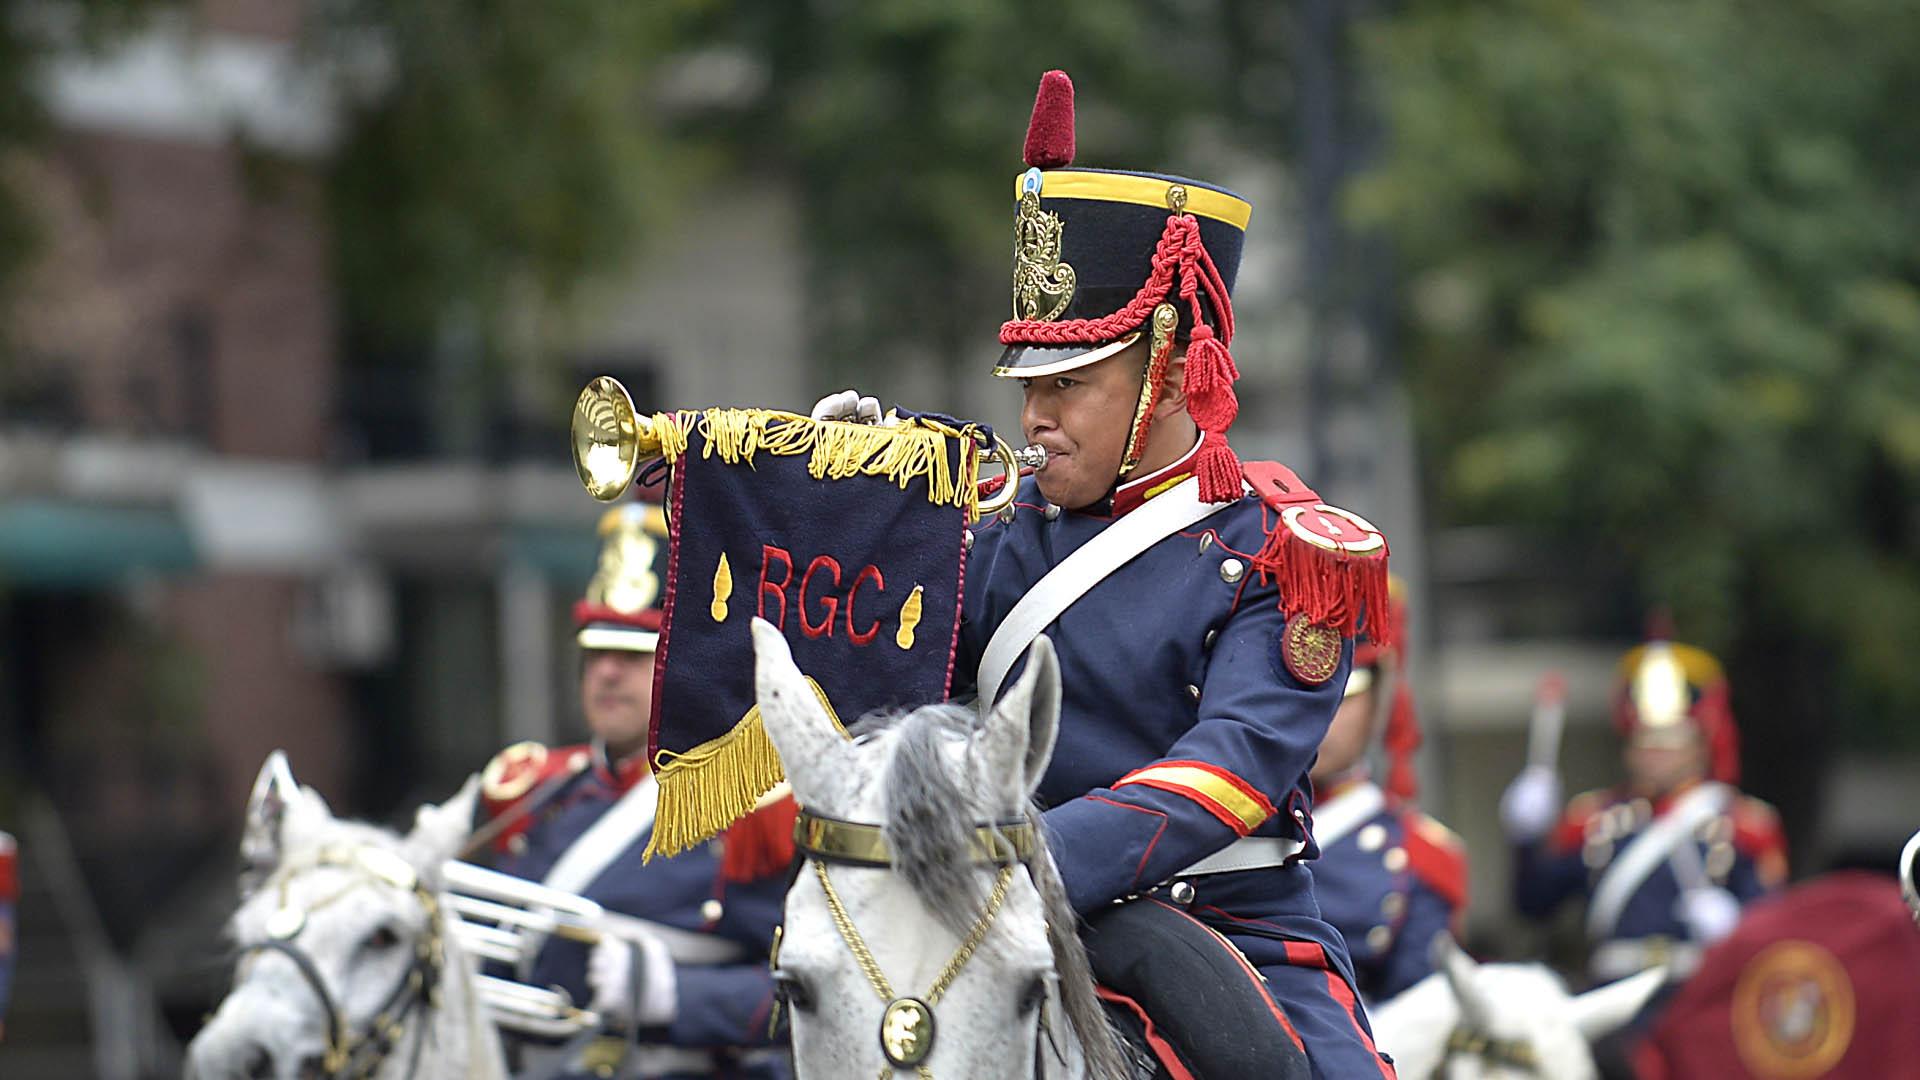 Uno de los soldados que integra la Fanfarria Alto Perú del Regimiento de Granaderos a Caballo